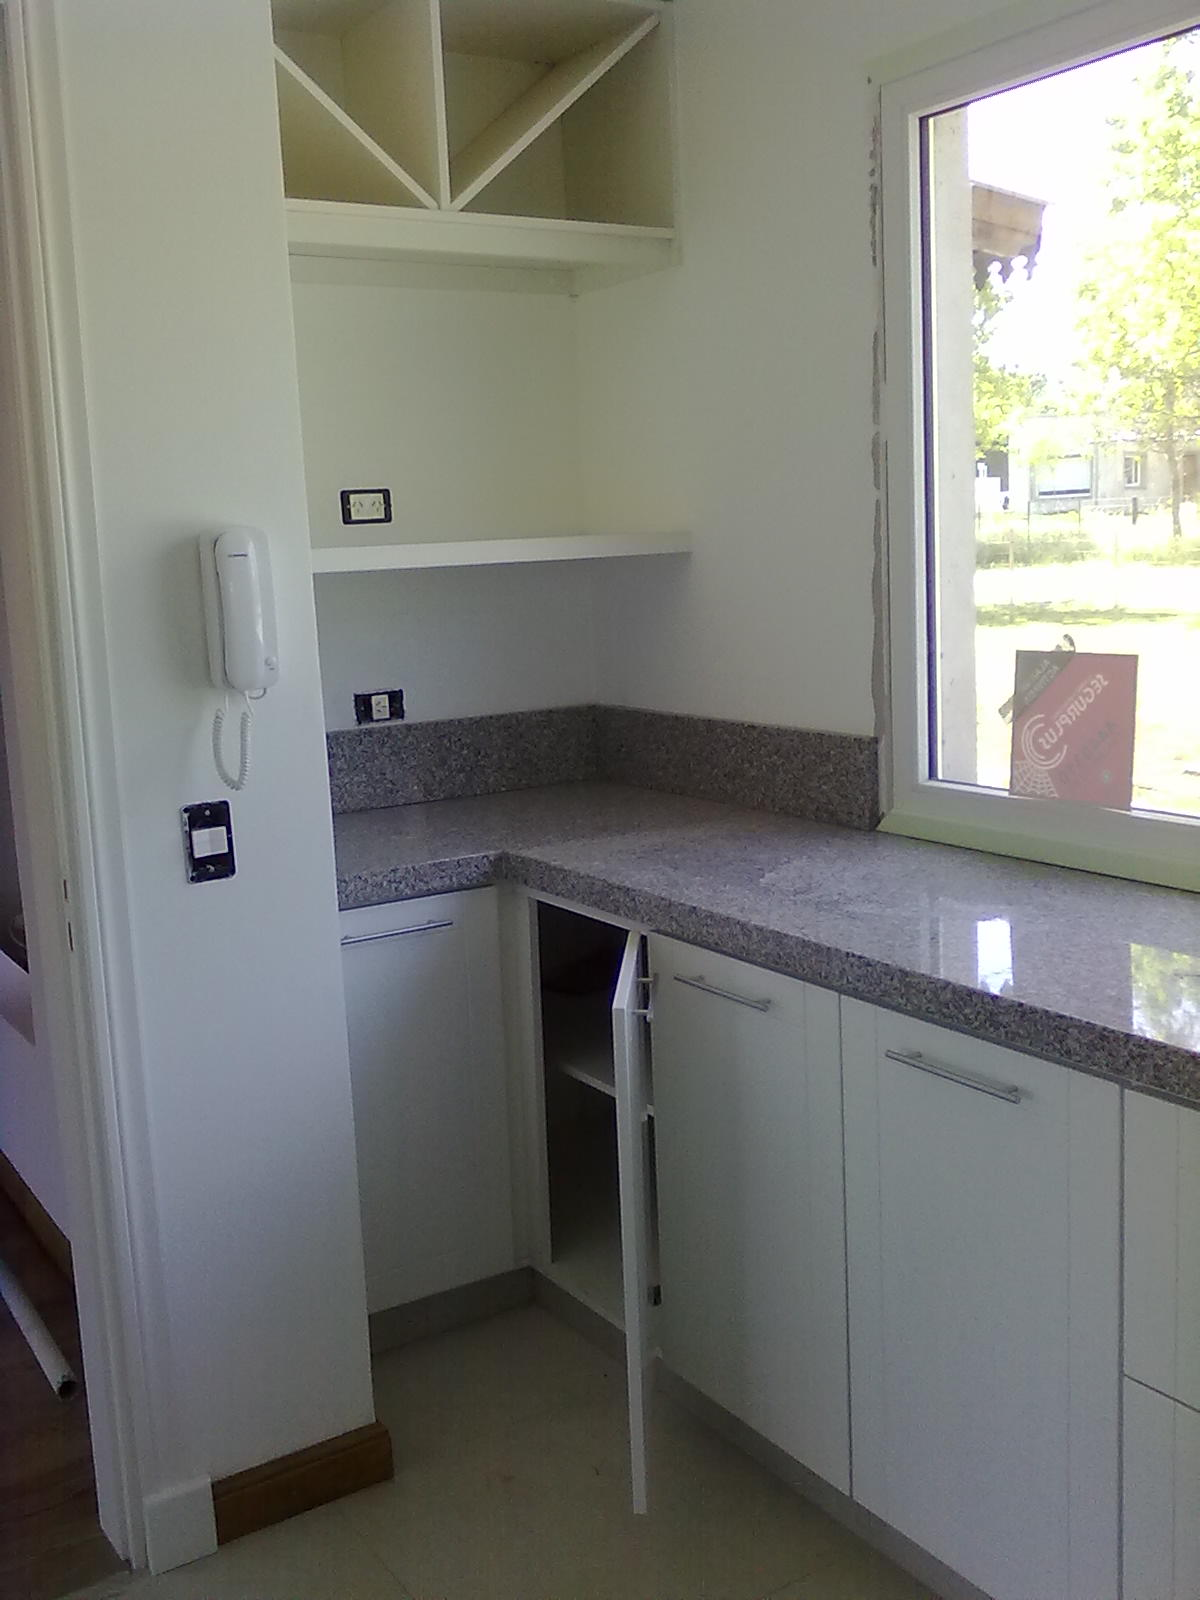 Muebles a medida tandil amoblamiento cocina laqueado blanco for Amoblamientos de cocina a medida precios